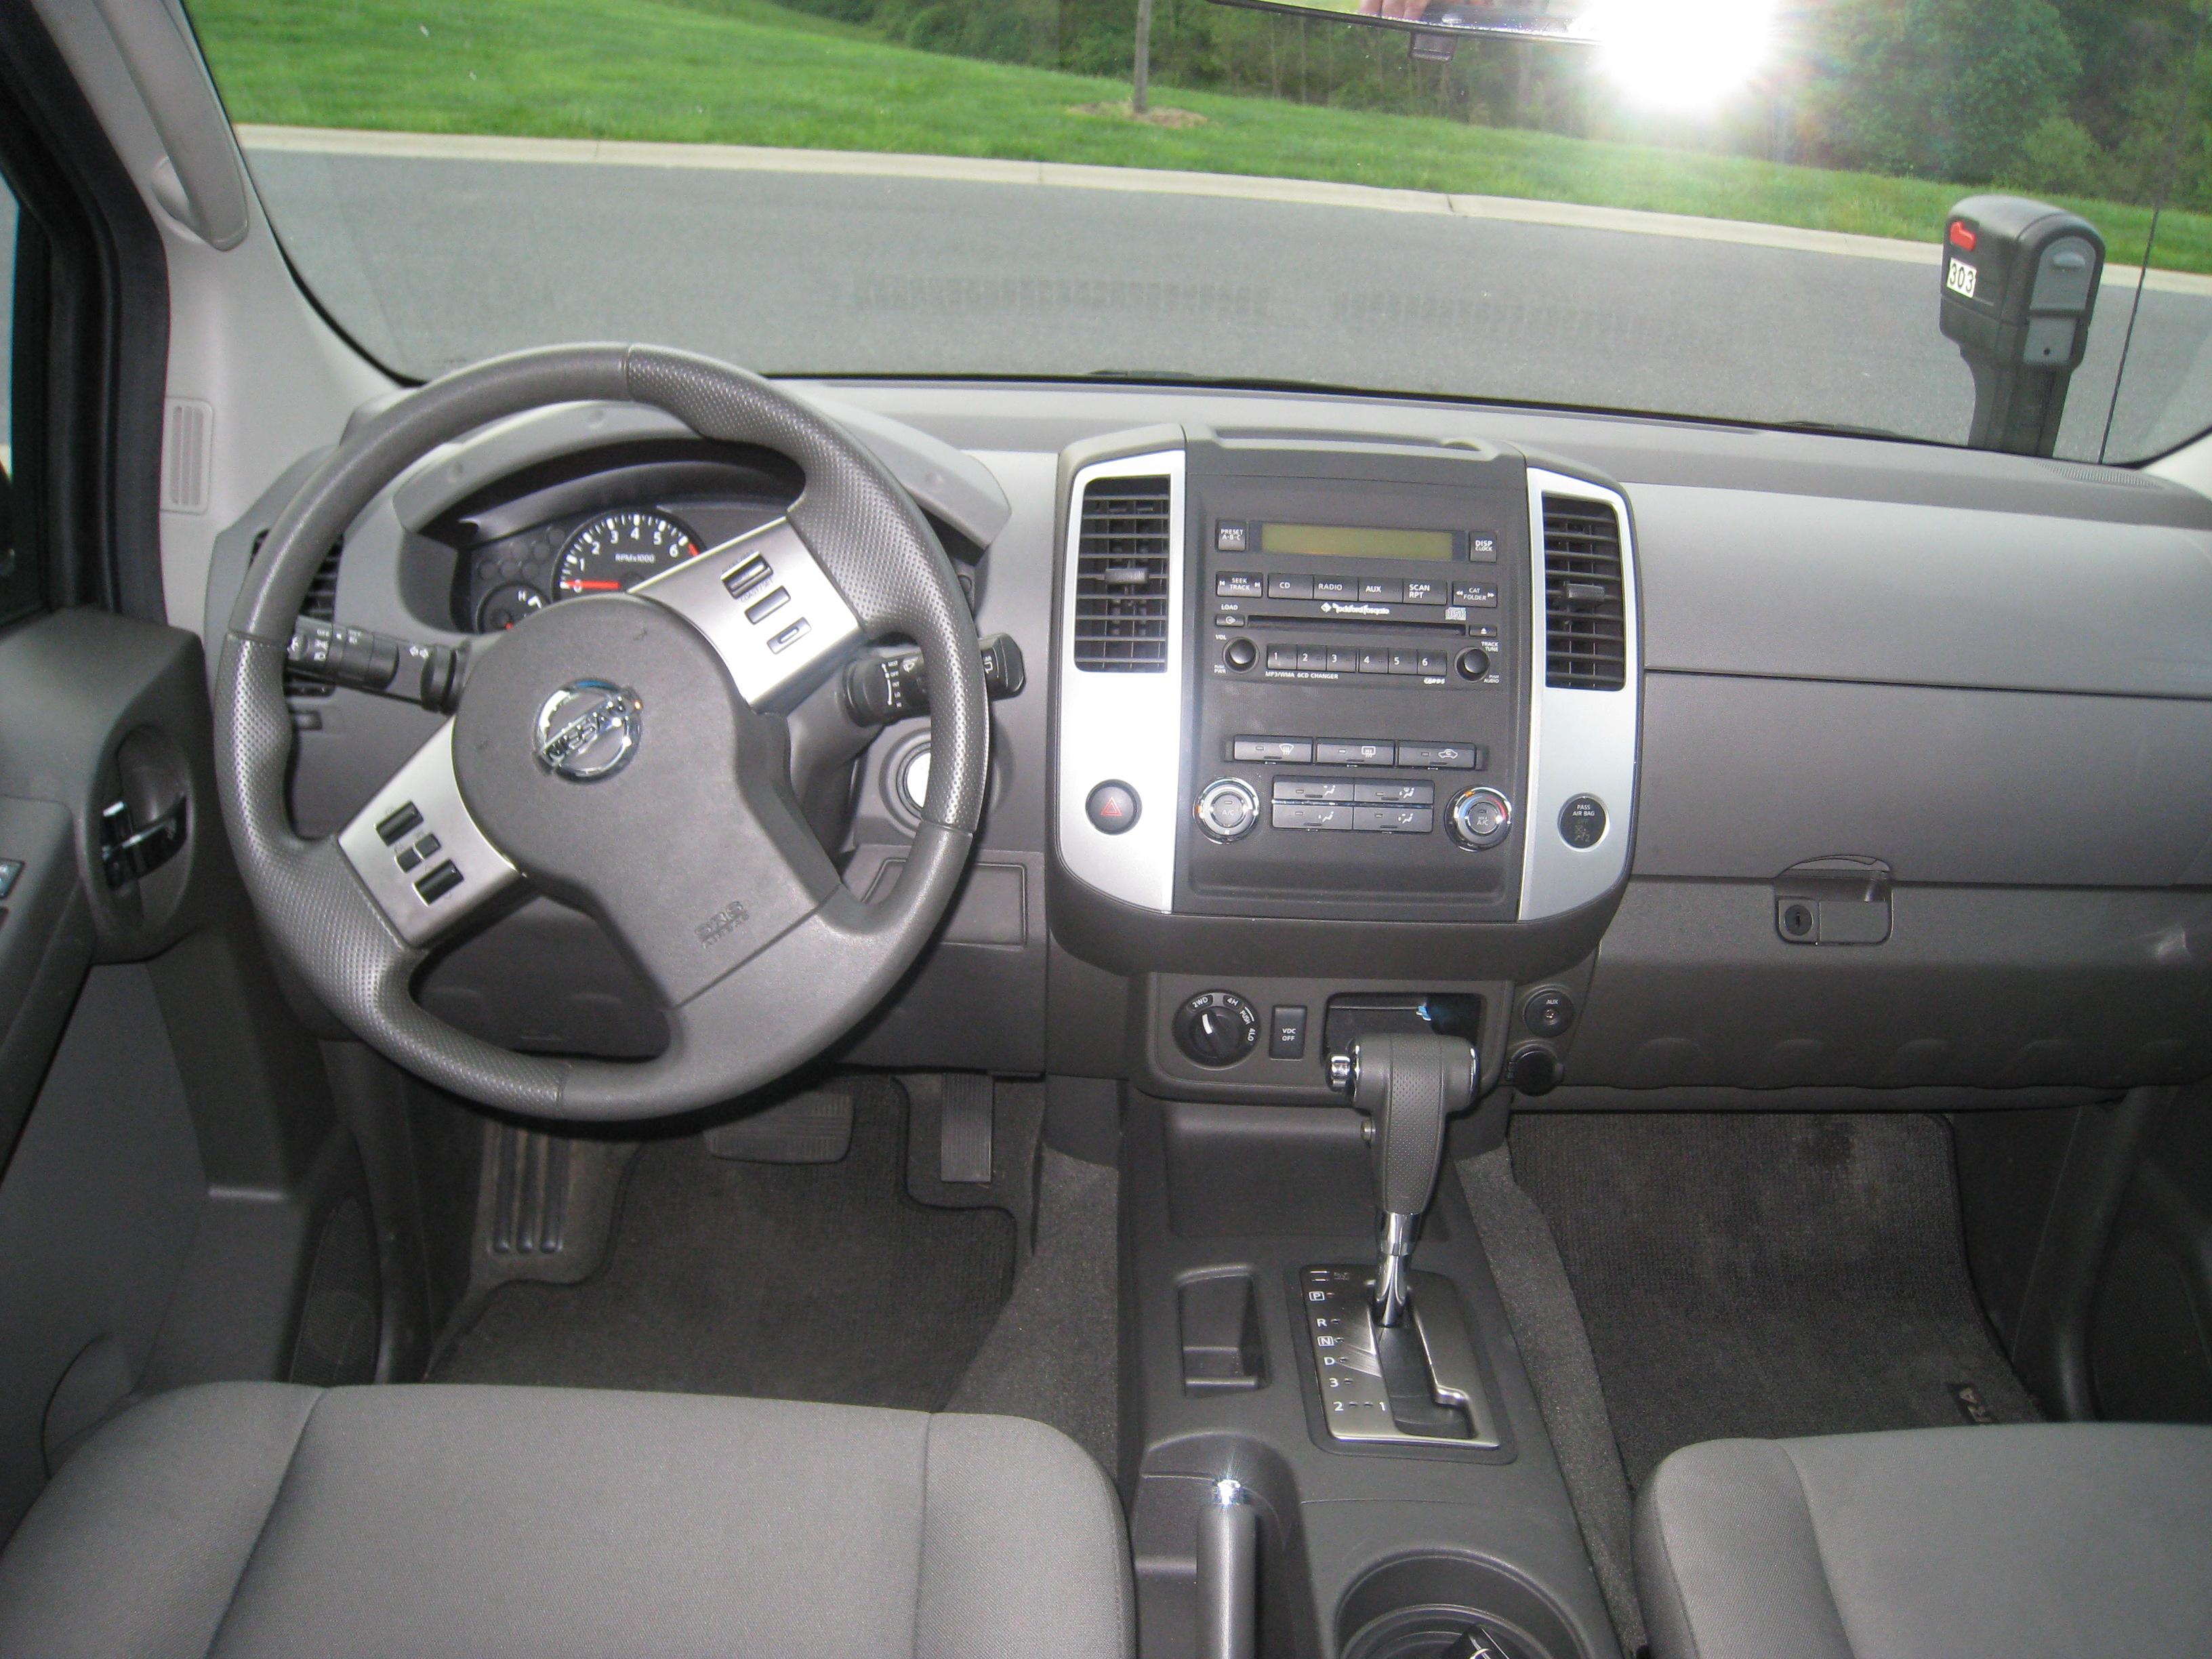 2009 Nissan Xterra S 4x4 Review Autosavant Autosavant